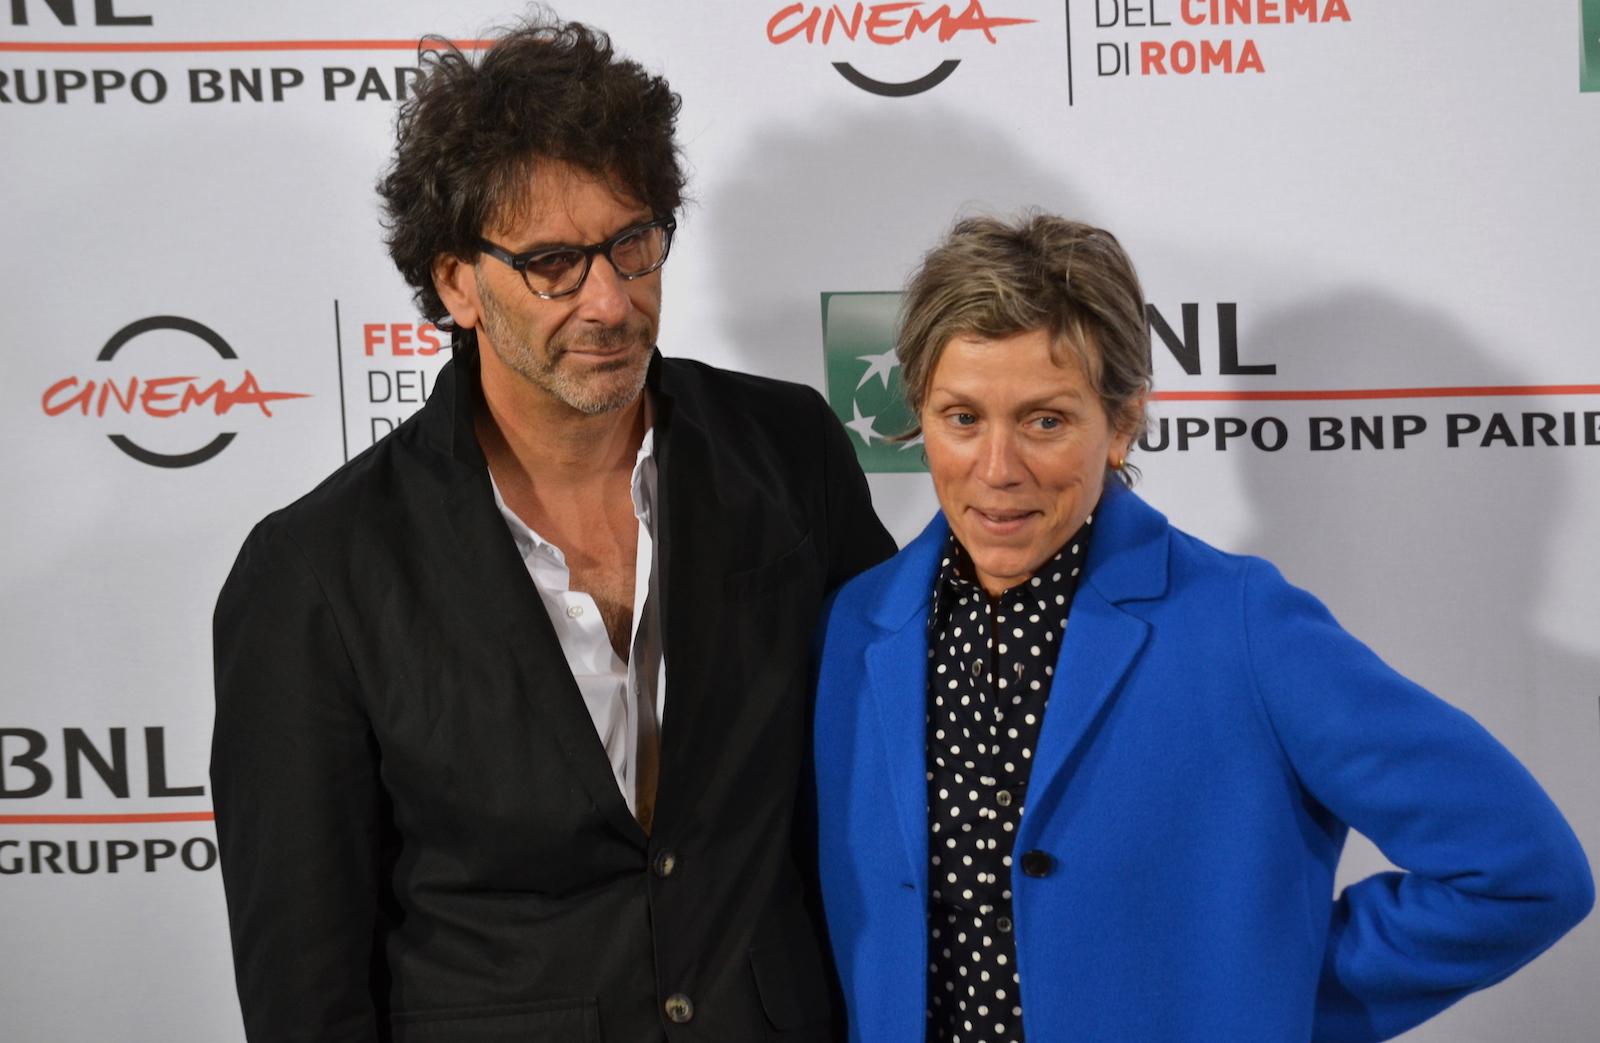 Roma 2015: Joel Coen e Frances McDormand al photocall